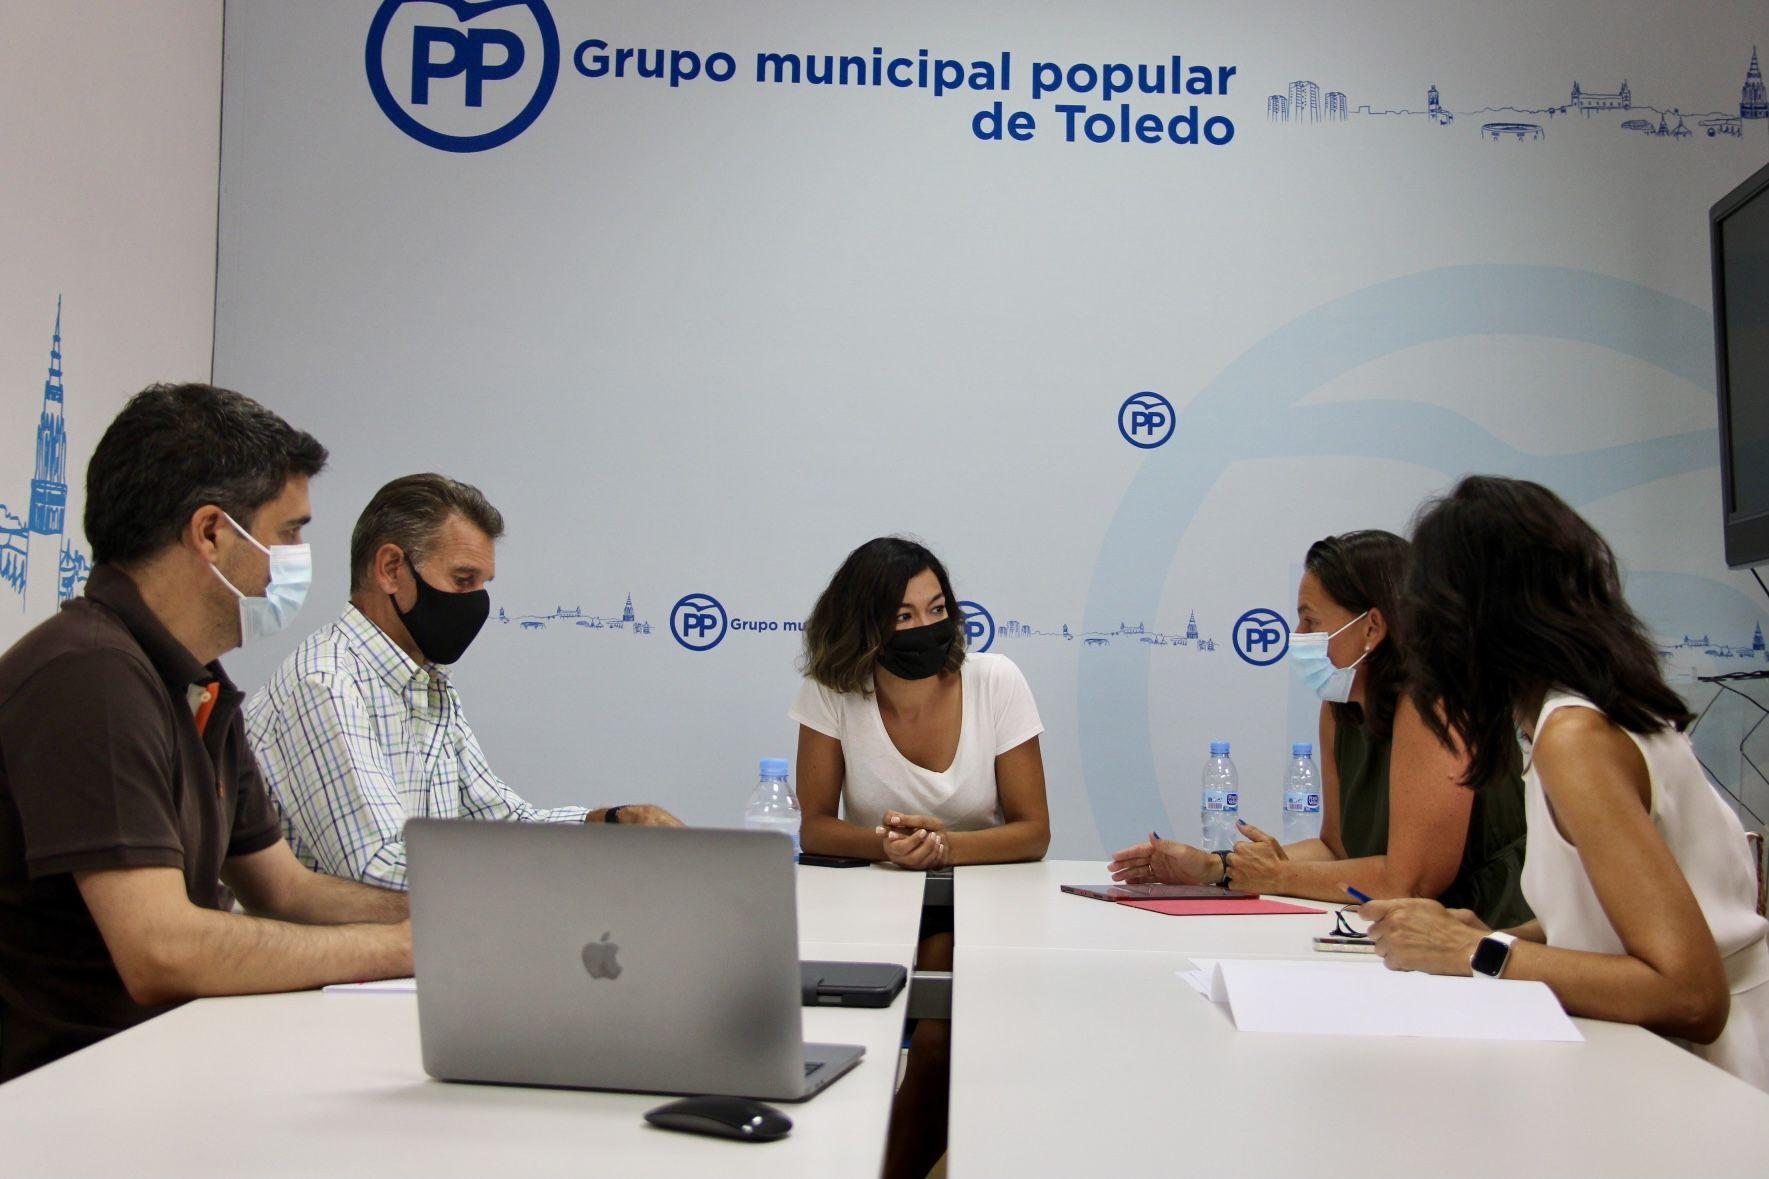 Alonso anticipa las propuestas en las que trabaja el PP para recuperar la economía y el empleo: bajada fiscal, supresión de tasas y reducción de trabas burocráticas